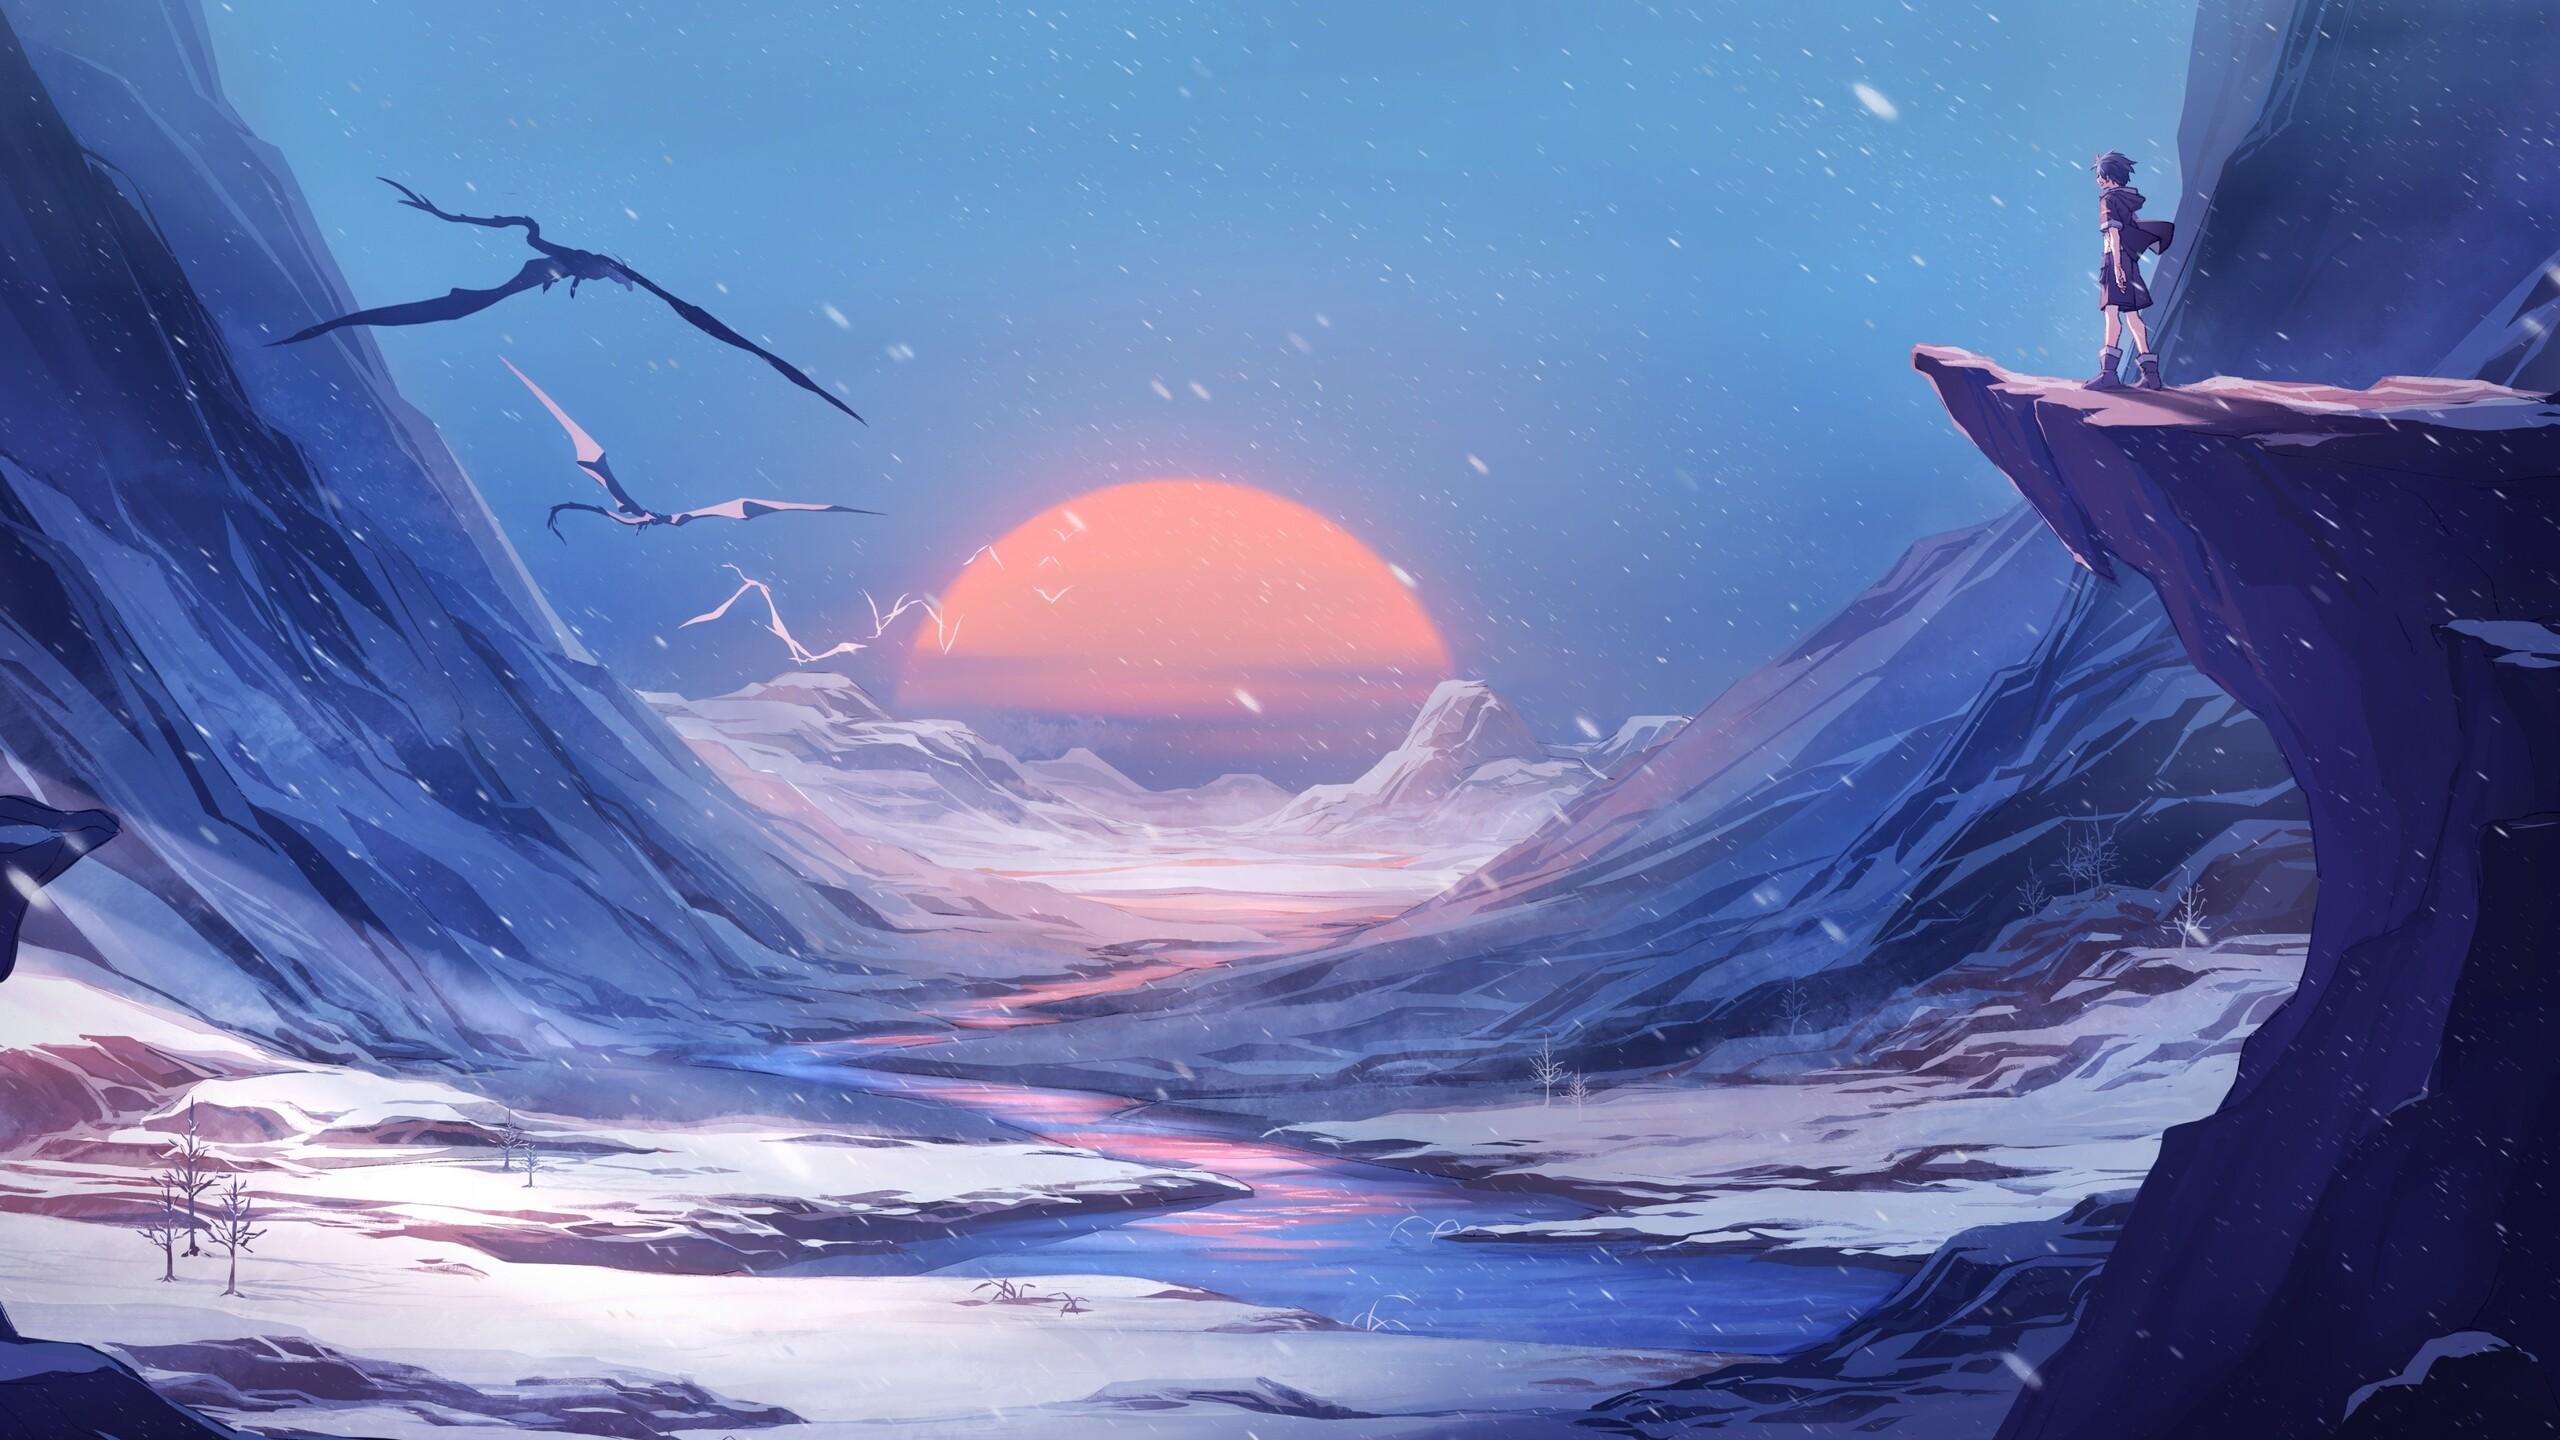 2560x1440 Dragon Winter Snow Anime Manga 4k 1440P ...